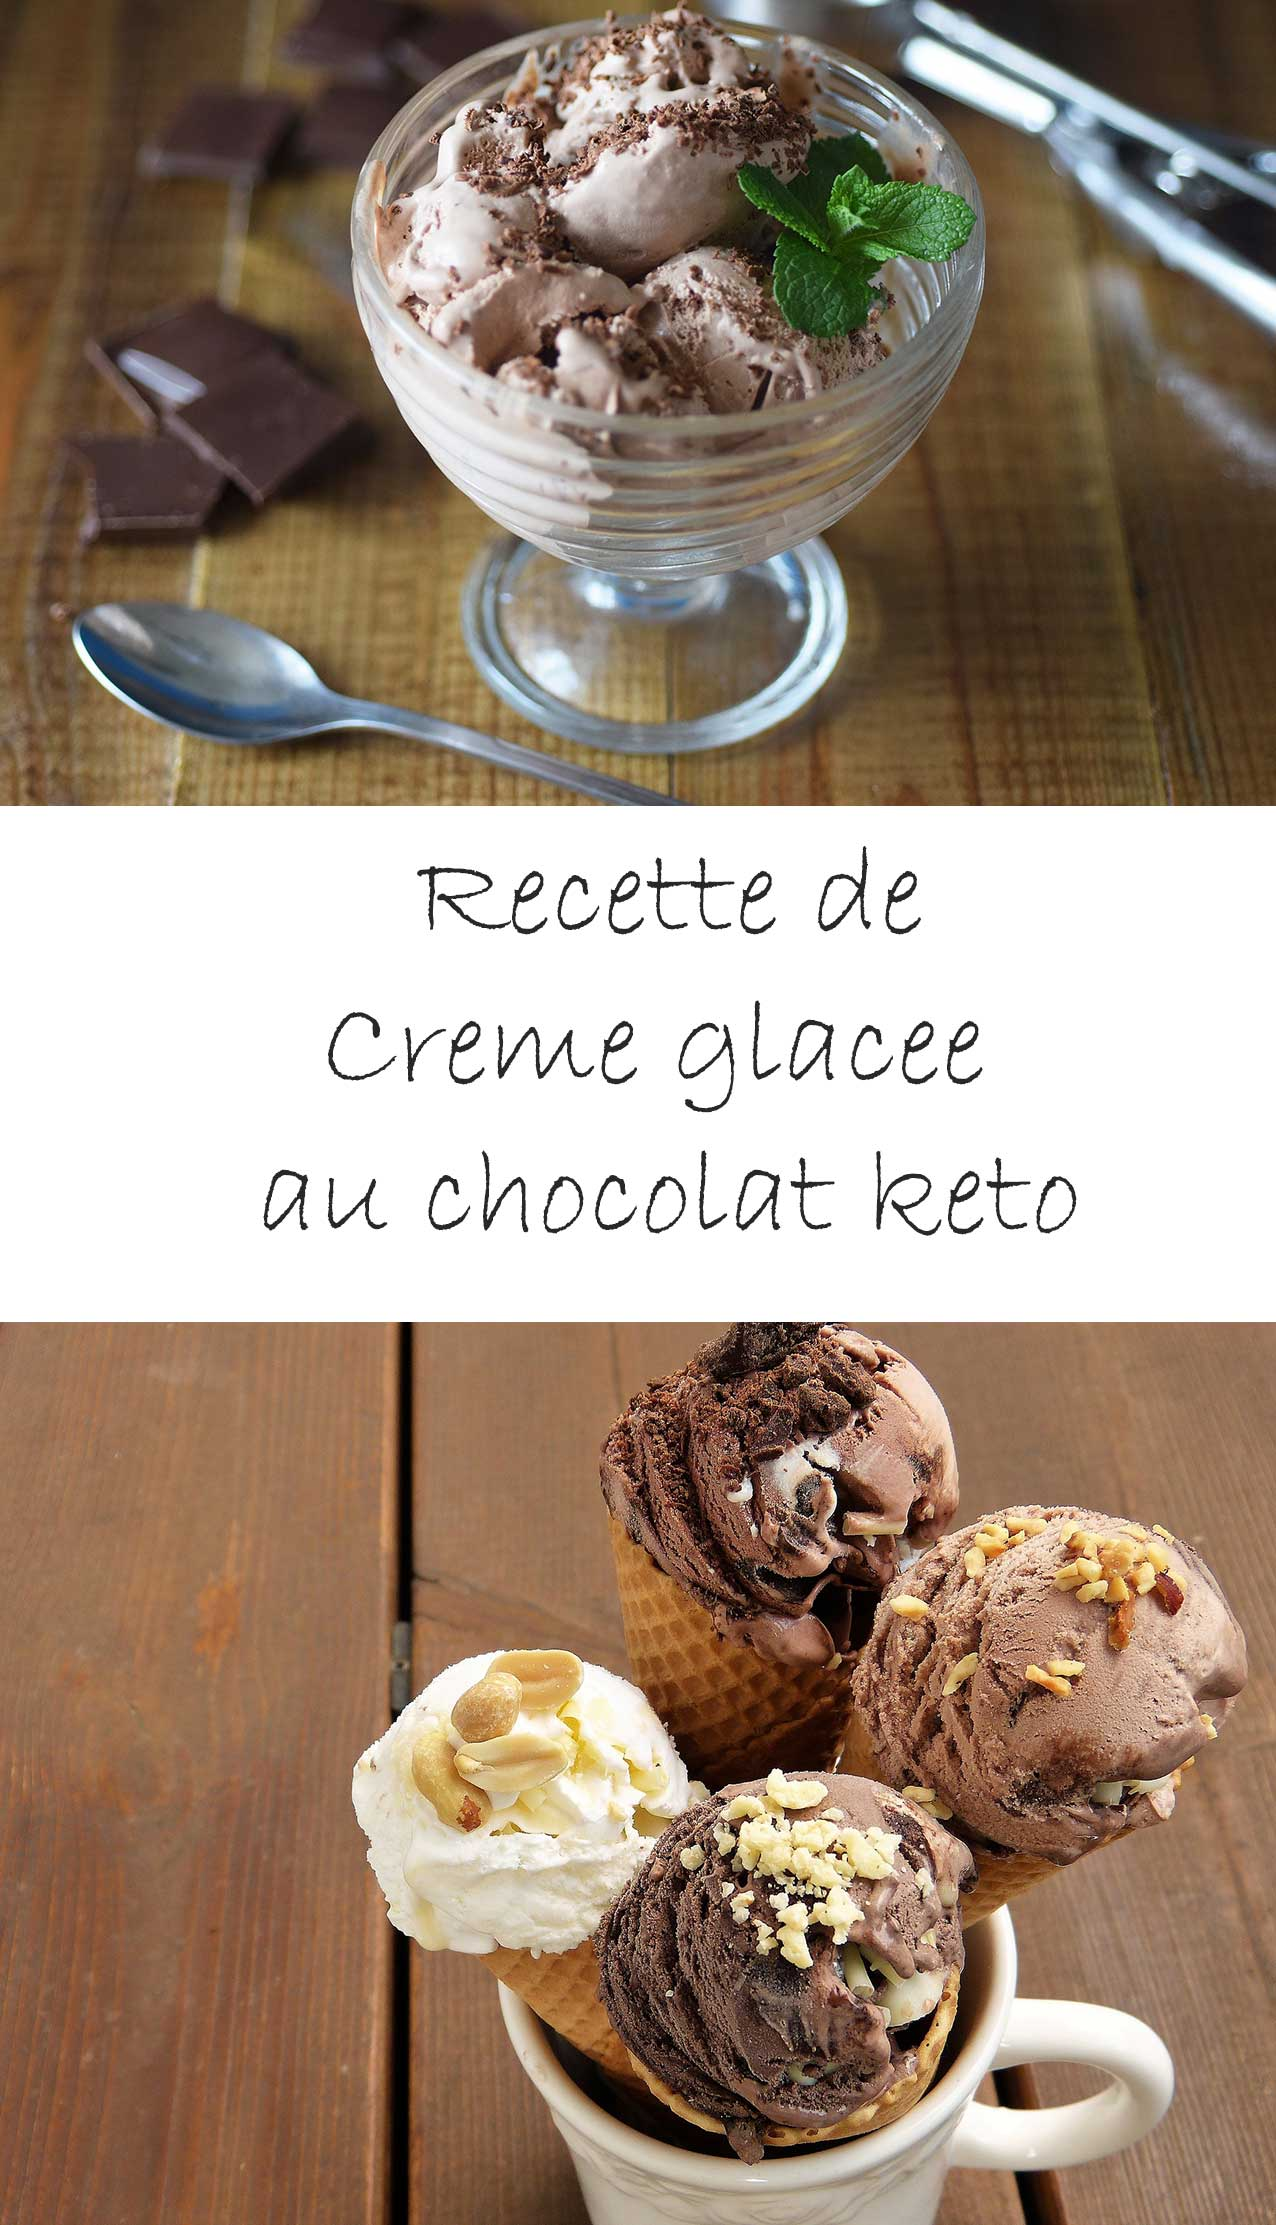 Crème glacée au chocolat keto (diète cétogène)